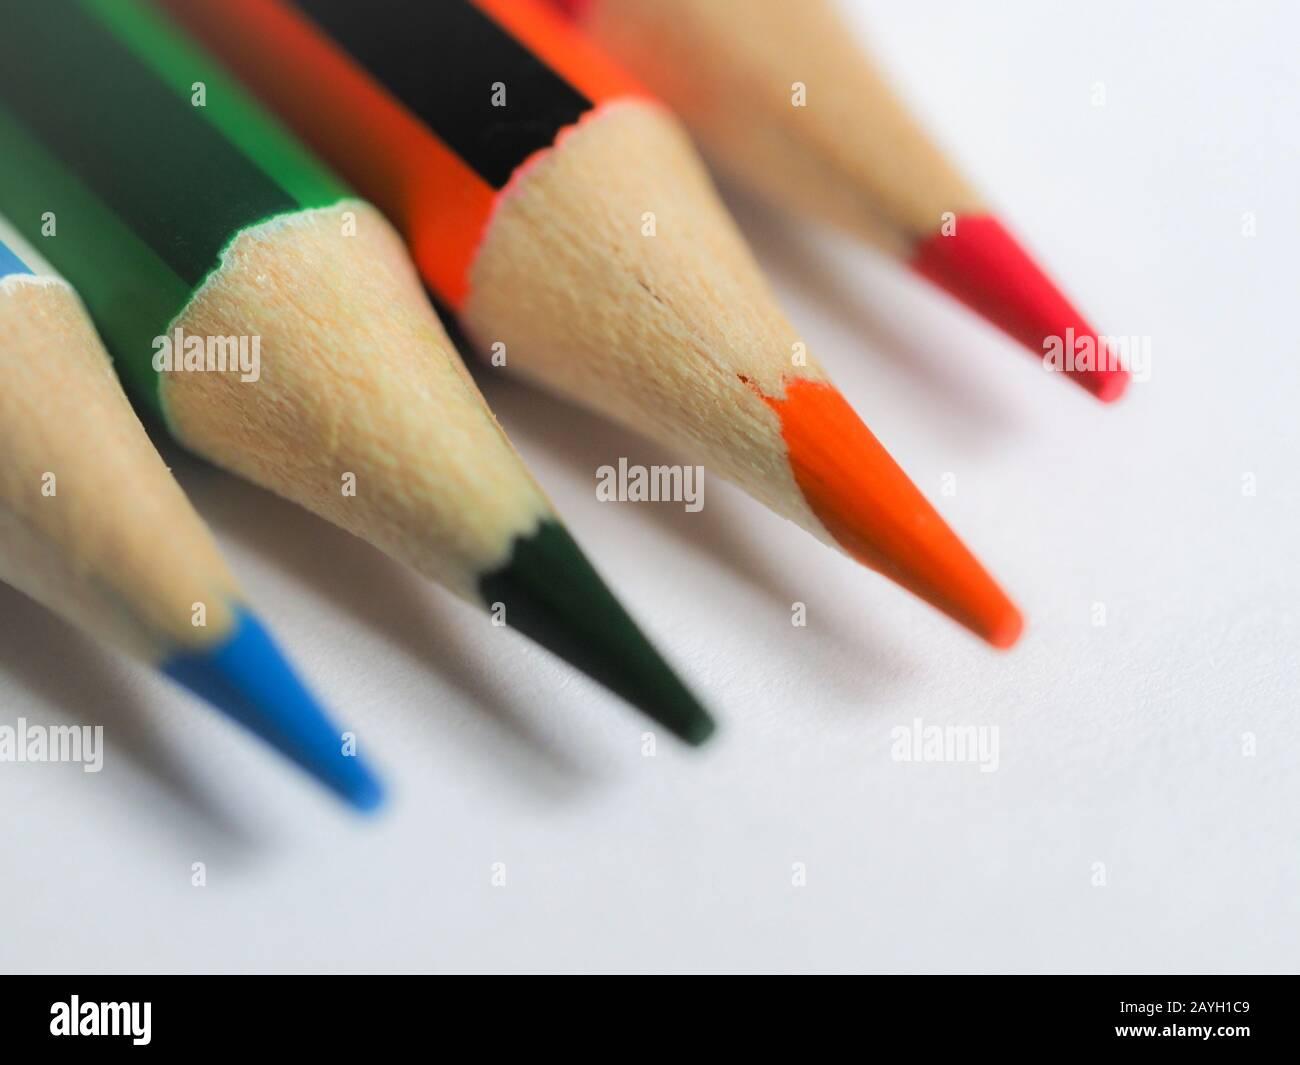 Mise au point douce gros plan des pointes de crayon colorées sur le papier blanc Banque D'Images